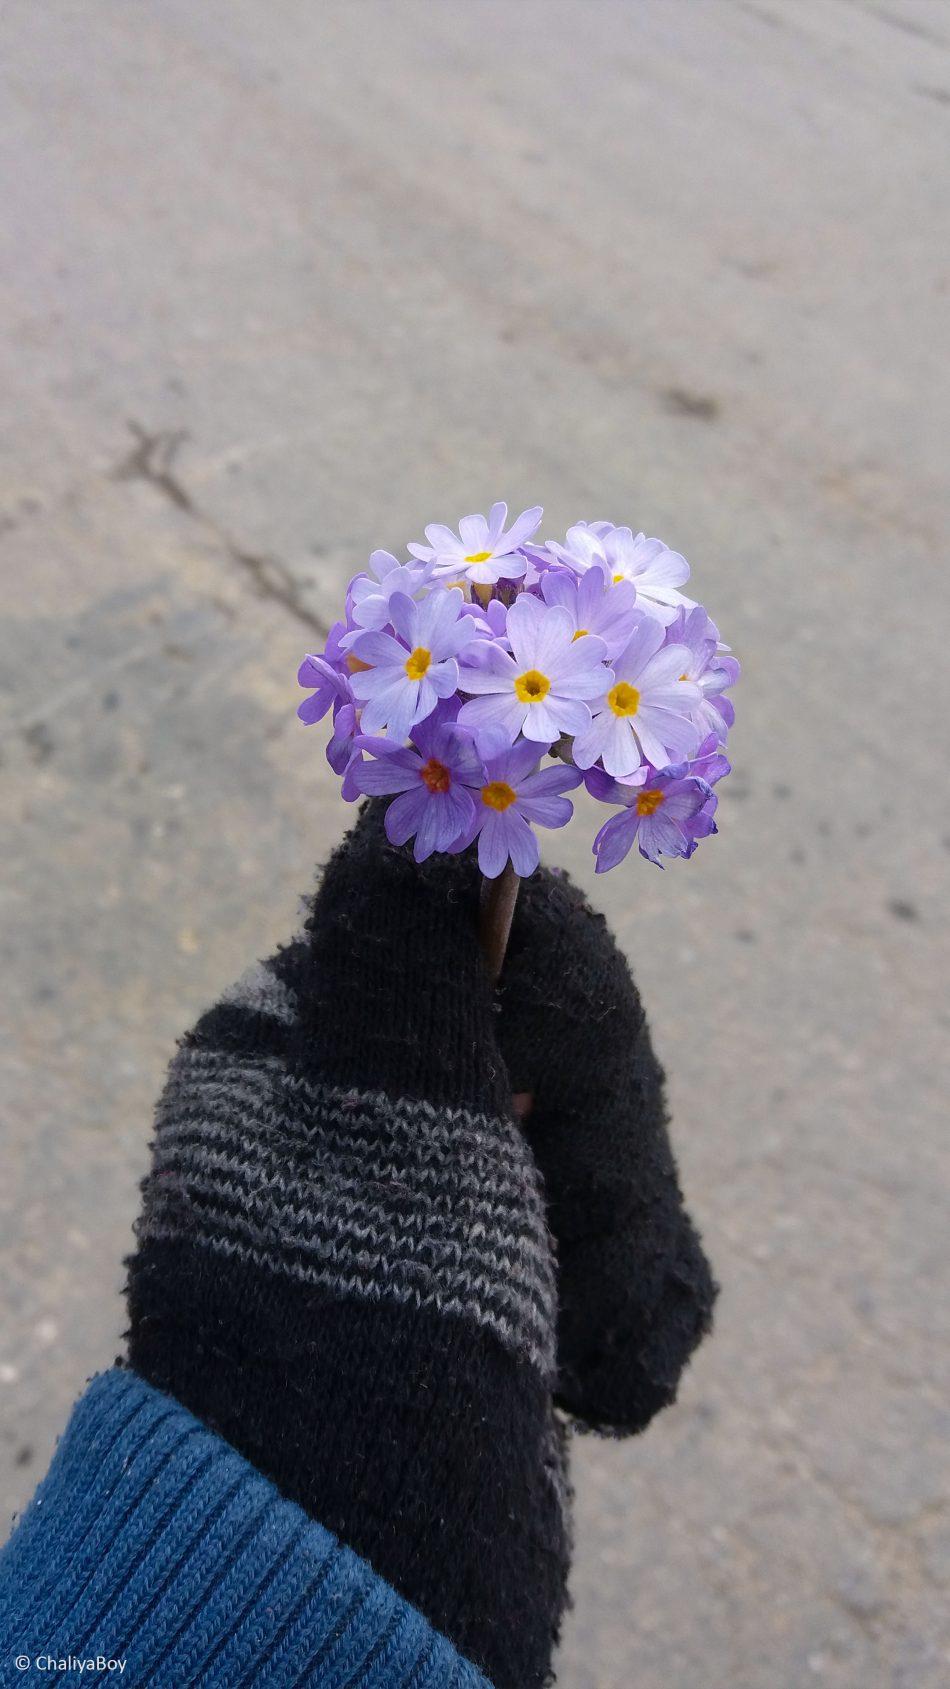 Purple Flower Hand Winter 4K Ultra HD Mobile Wallpaper